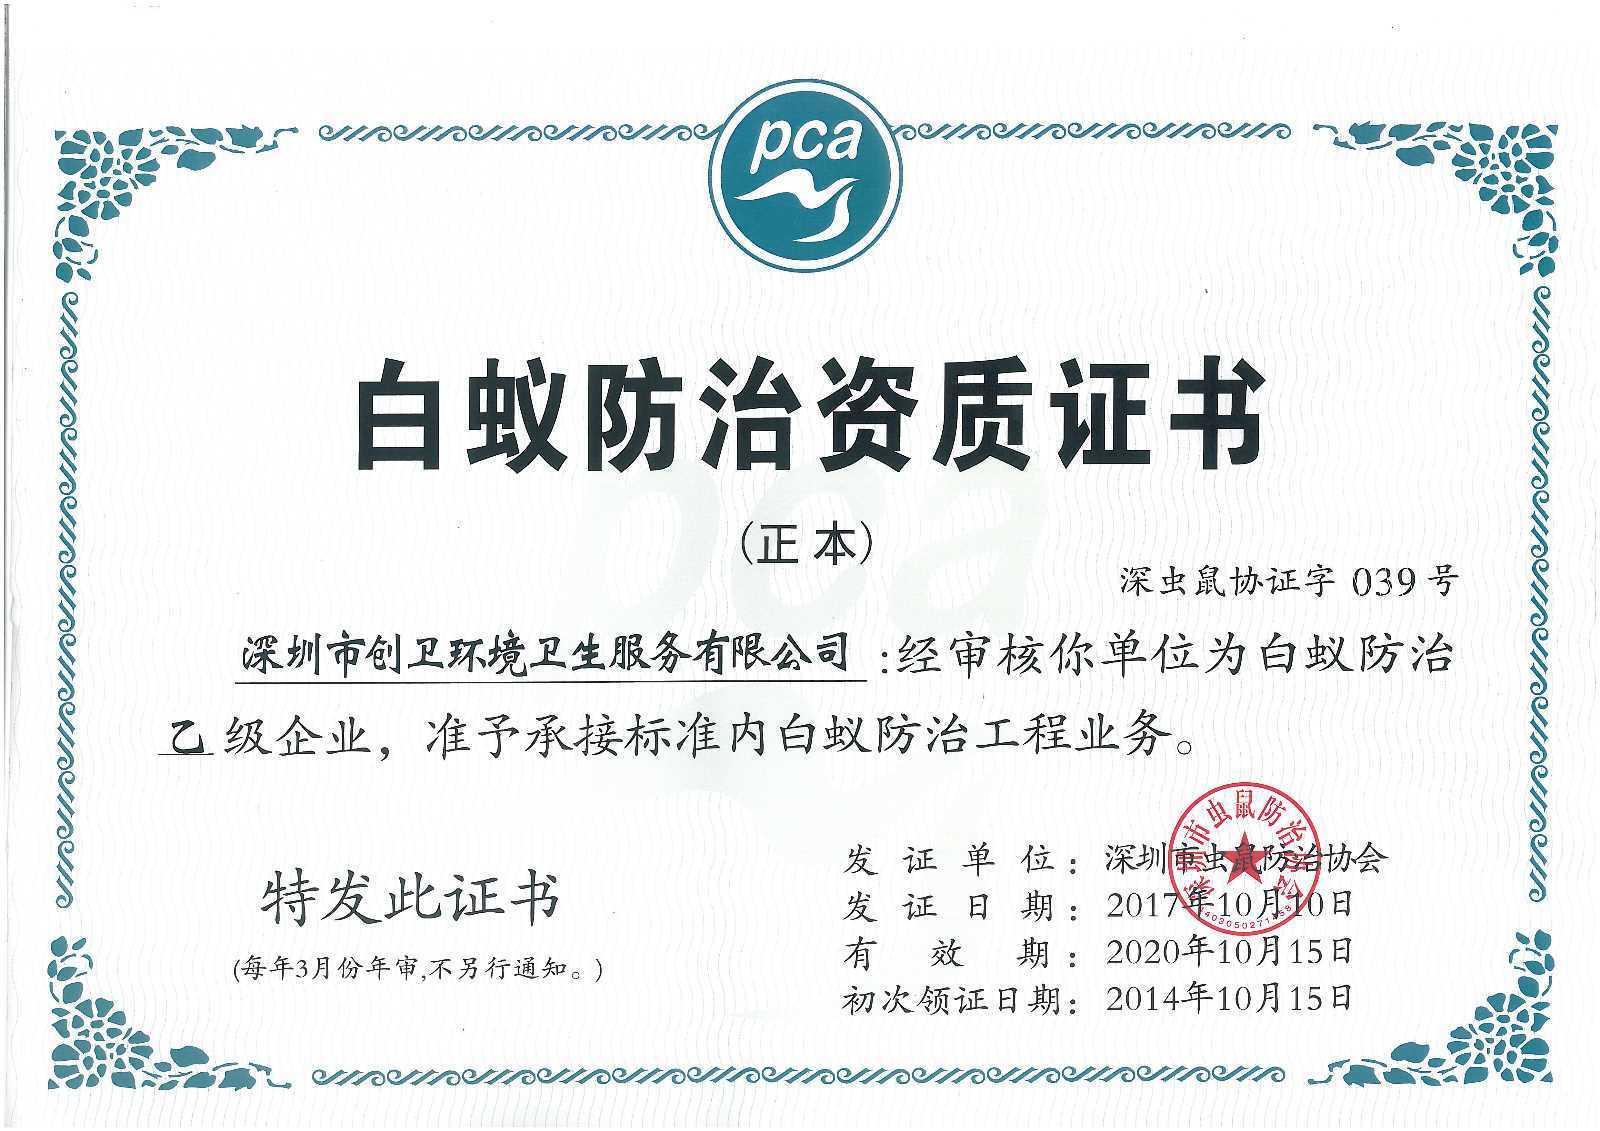 深圳灭白蚁消杀公司对于物业灭鼠的整改汇报 公司动态